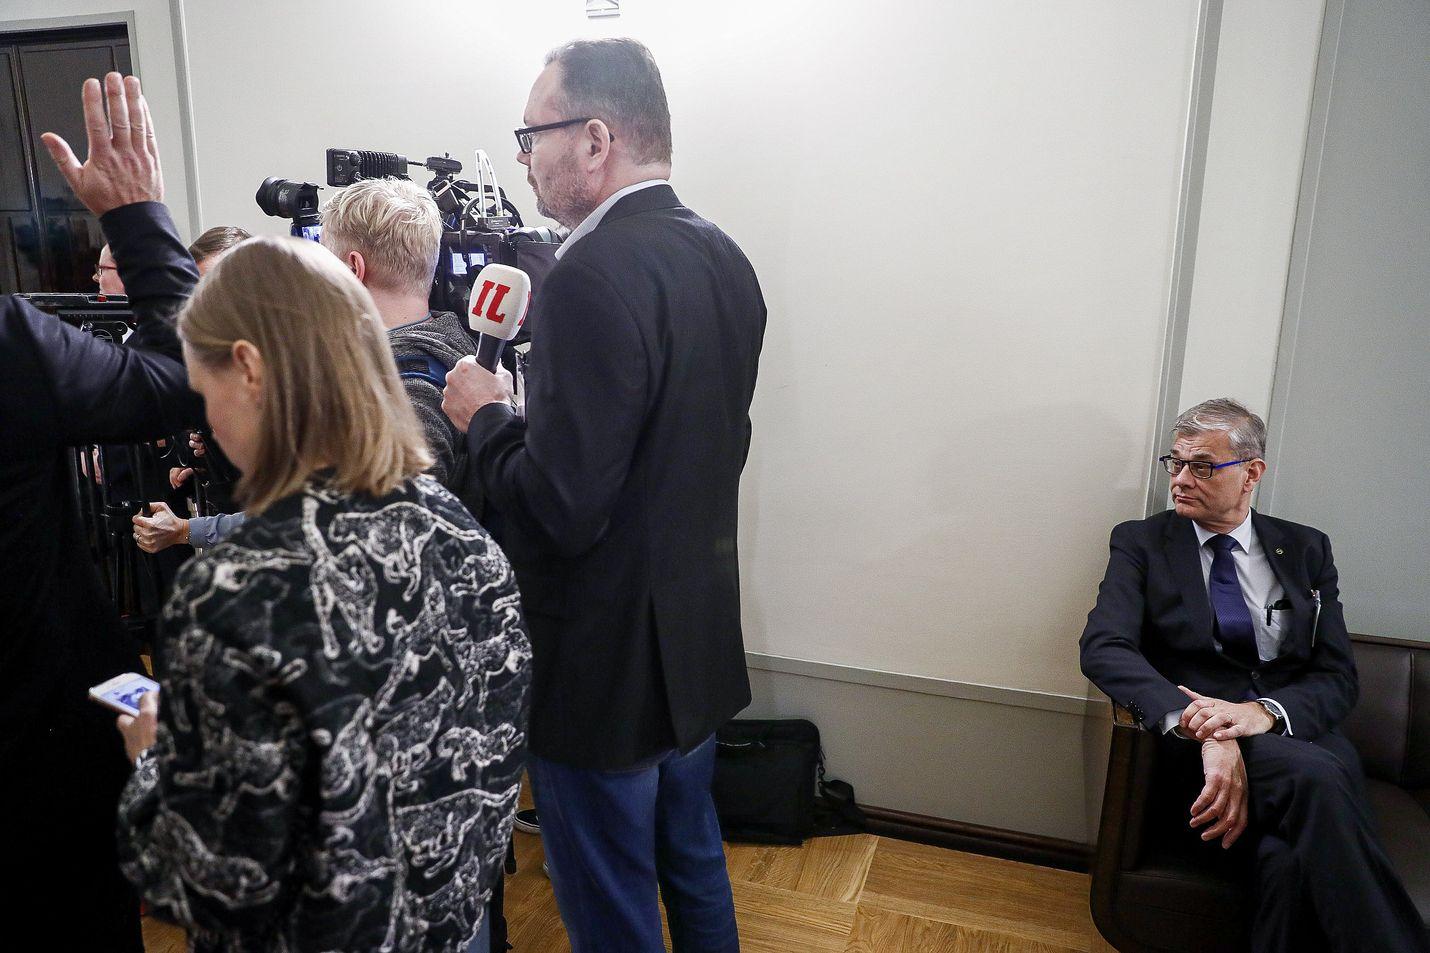 Konsulipäällikkö Pasi Tuominen odotti vuoroaan eduskunnan perustuslakivaliokunnan kuultavaksi